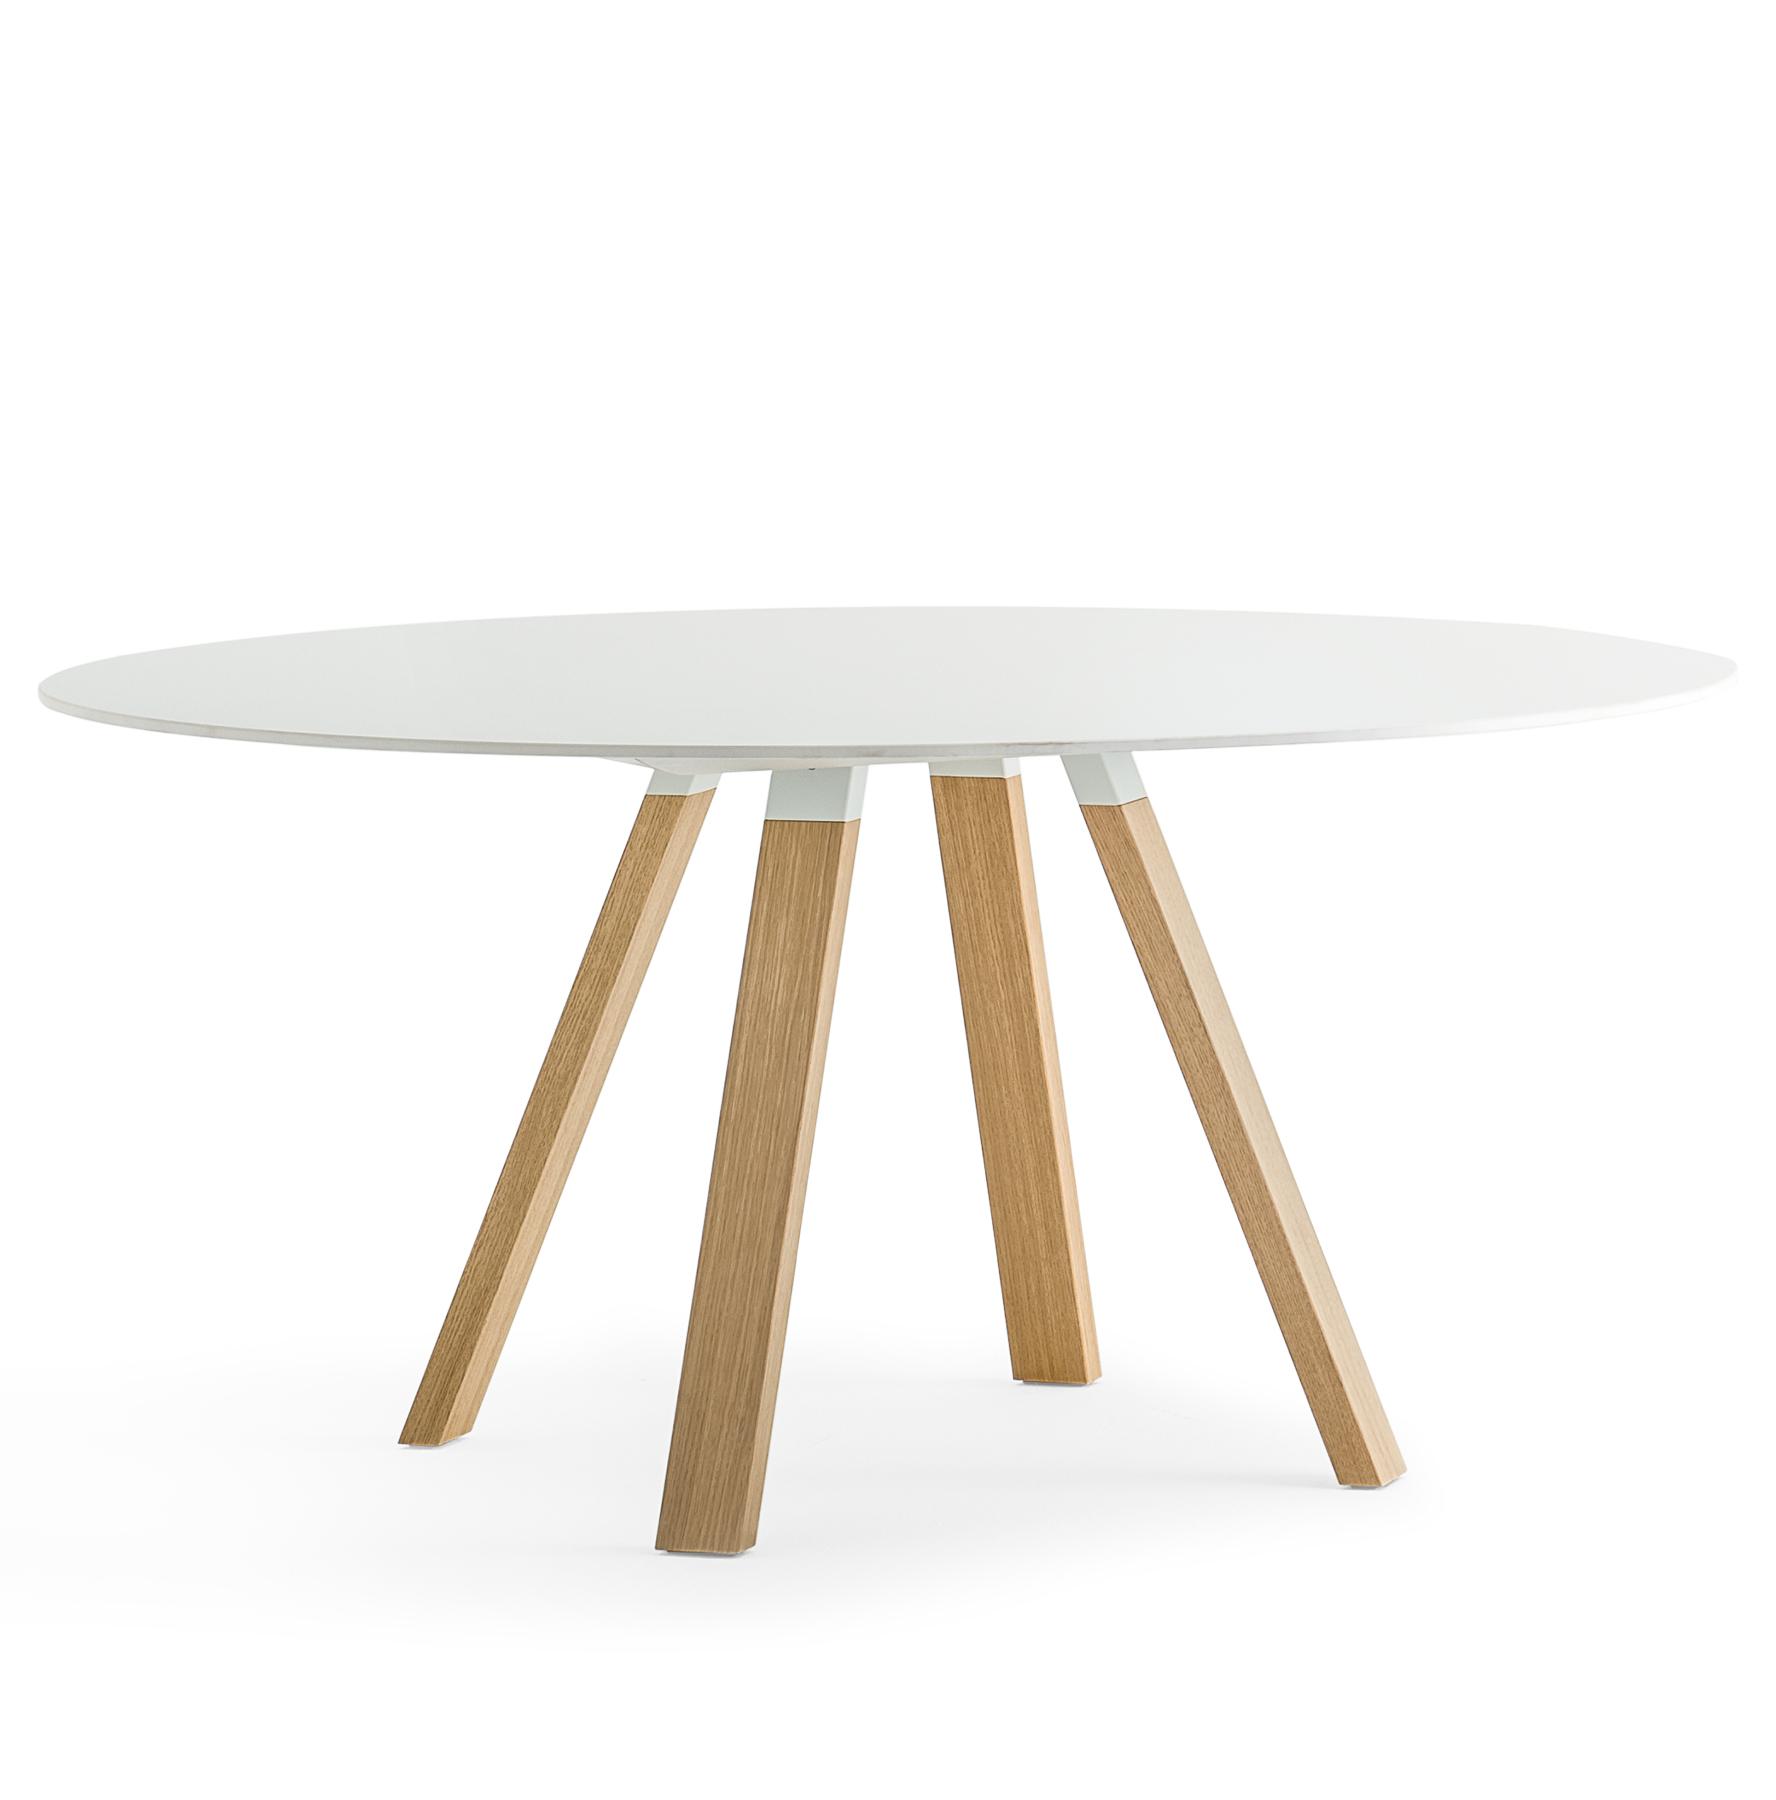 Stół okrągły industrialny Arki Table PEDRALI